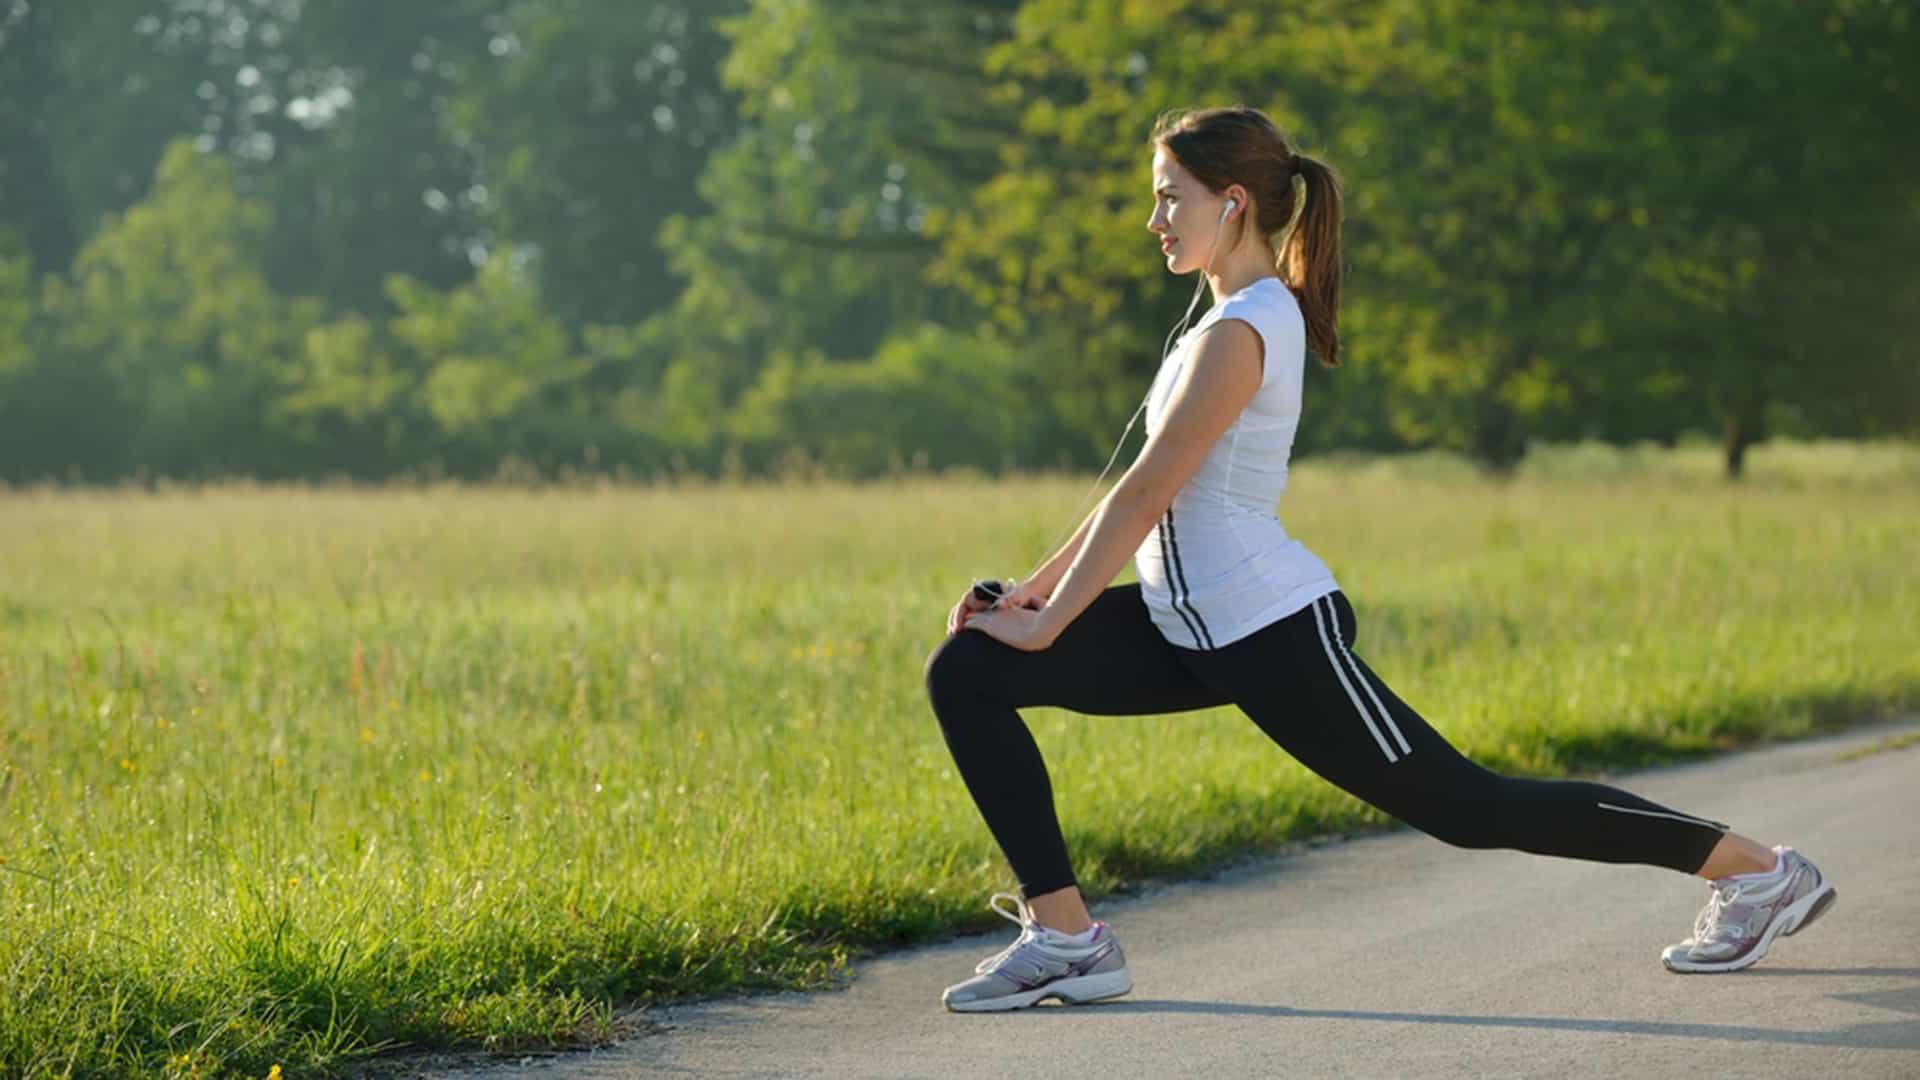 التمارين الرياضية المناسبة لجسمك